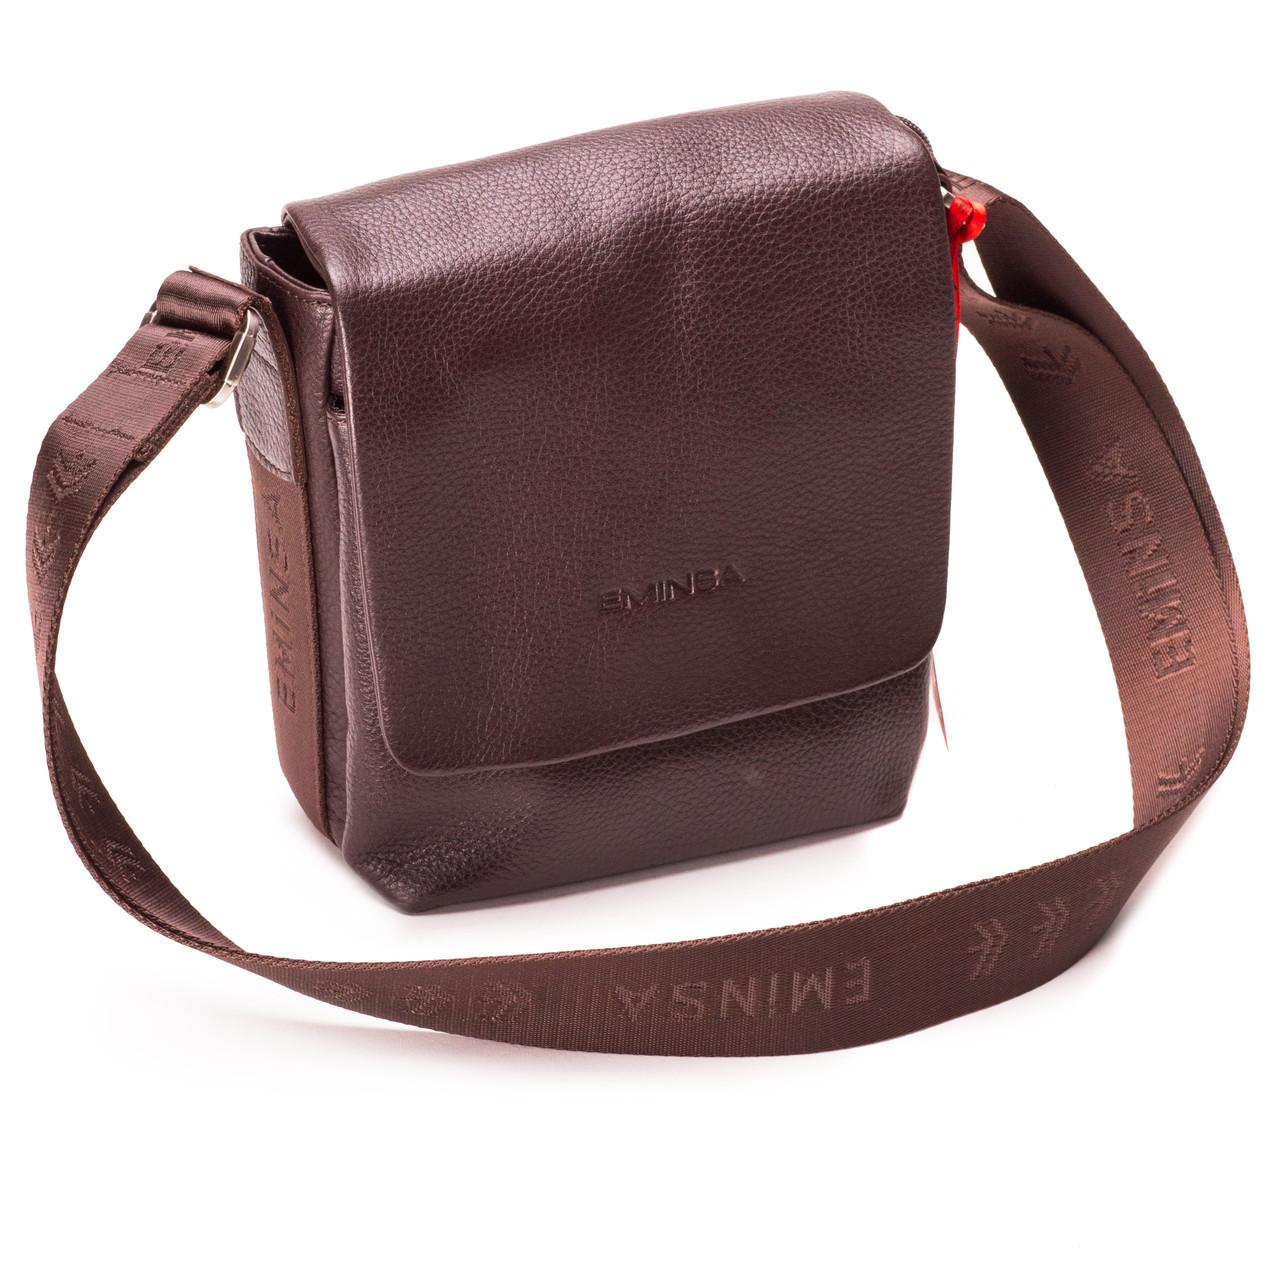 Мужская сумка через плечо кожаная коричневая Eminsa 6052-17-3 bfe9e100ca7f7